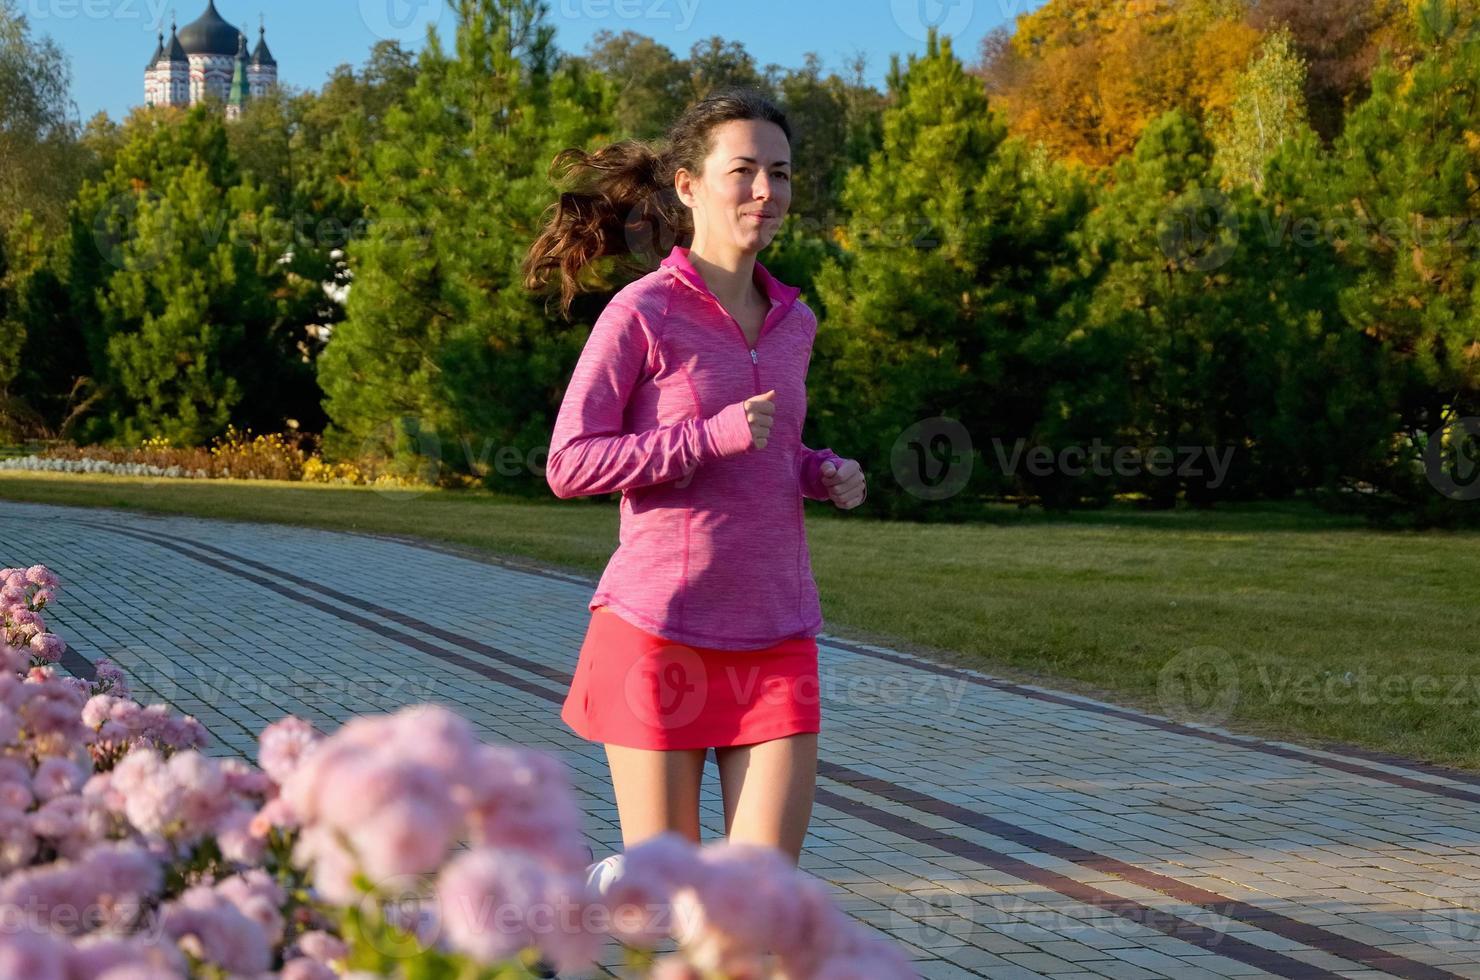 mulher correndo no parque outono foto